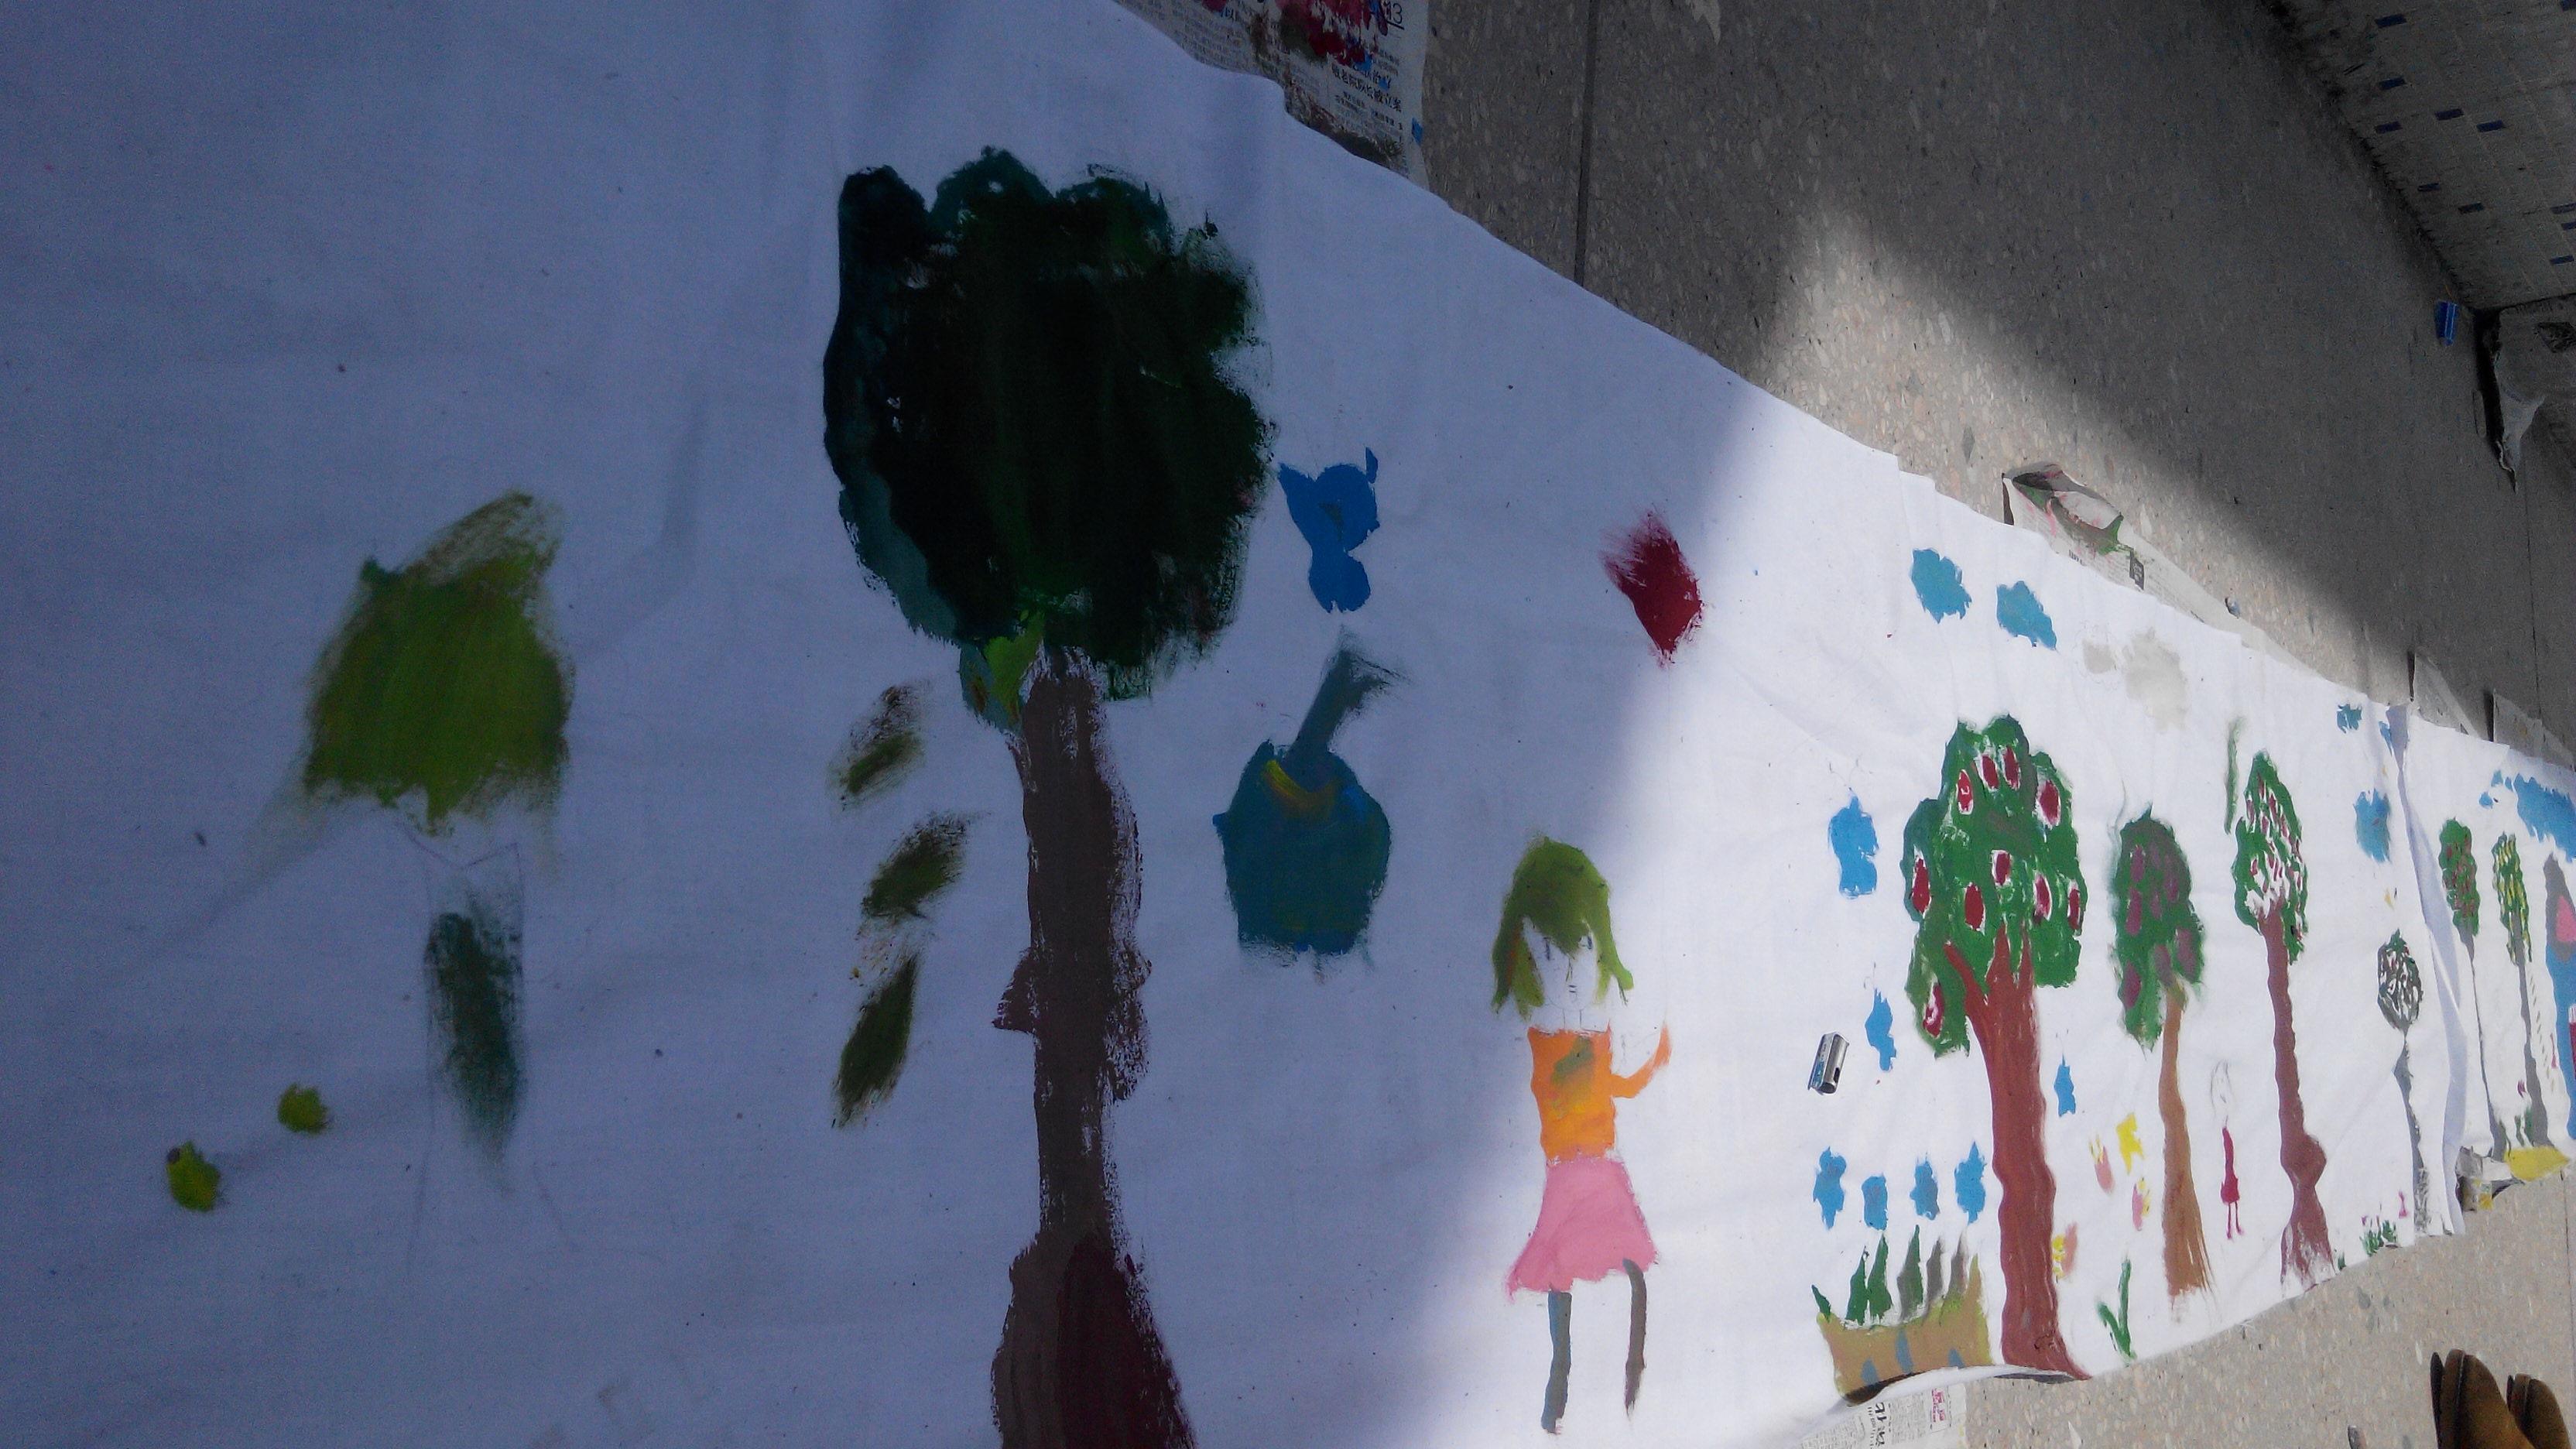 上饶镇全德小学学生的刚学的水彩画作品